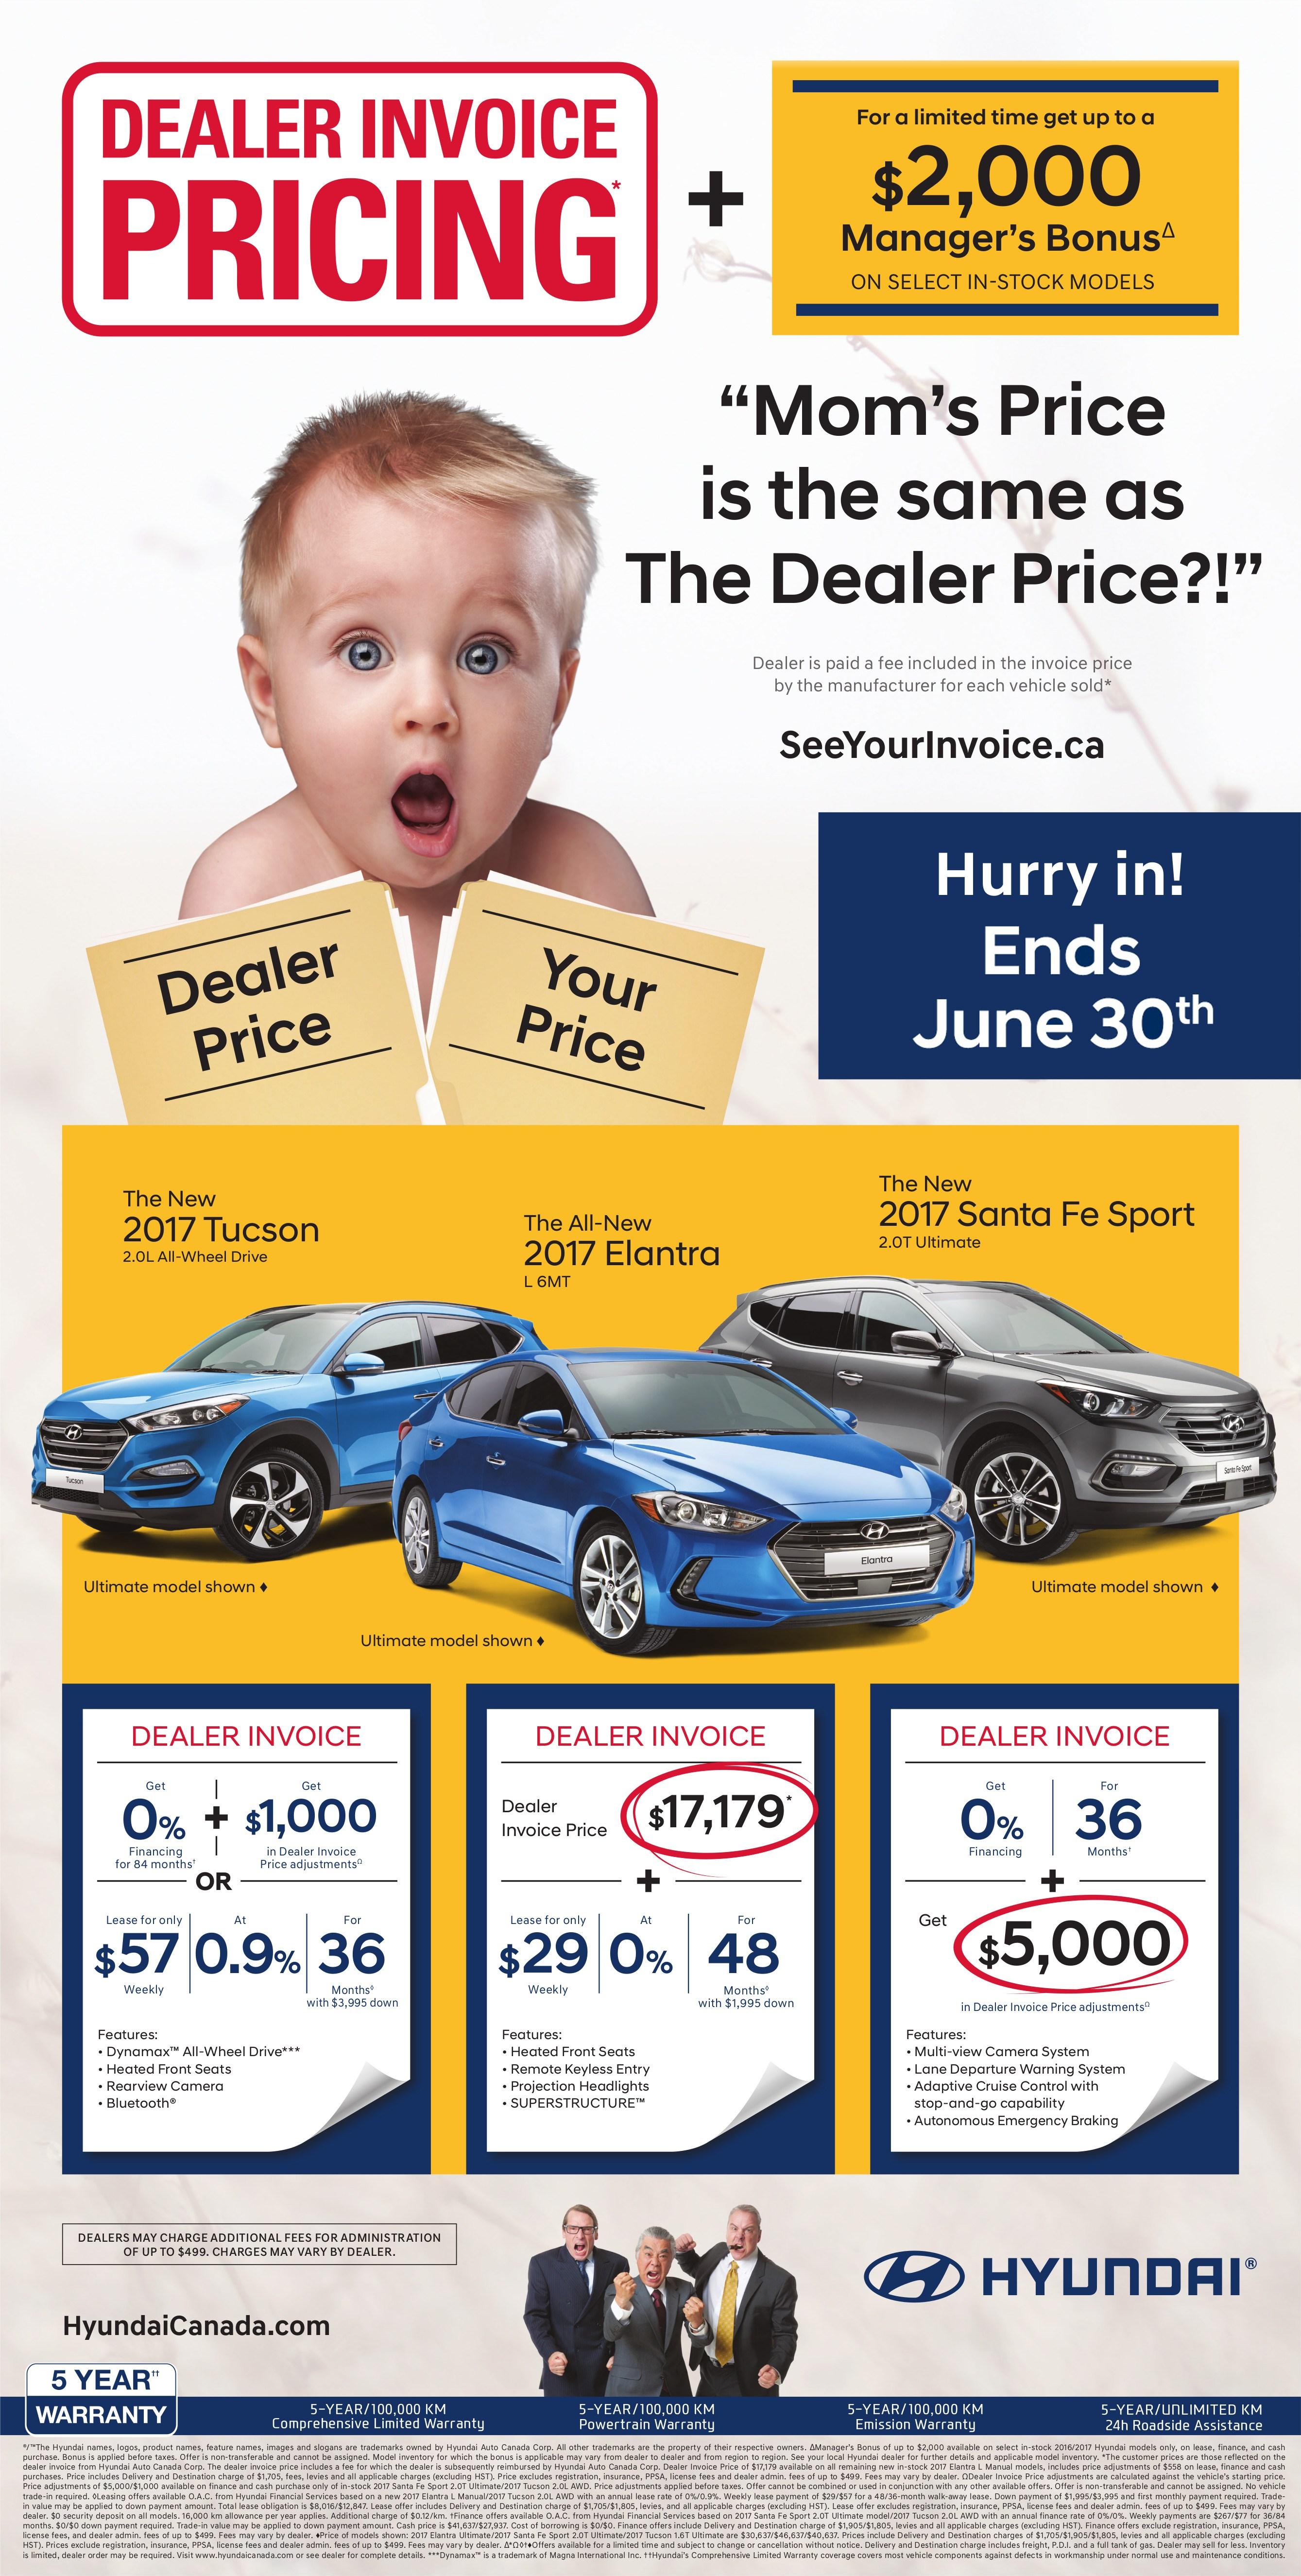 Dealer Invoice Pricing Milton Hyundai - Dealer invoice price